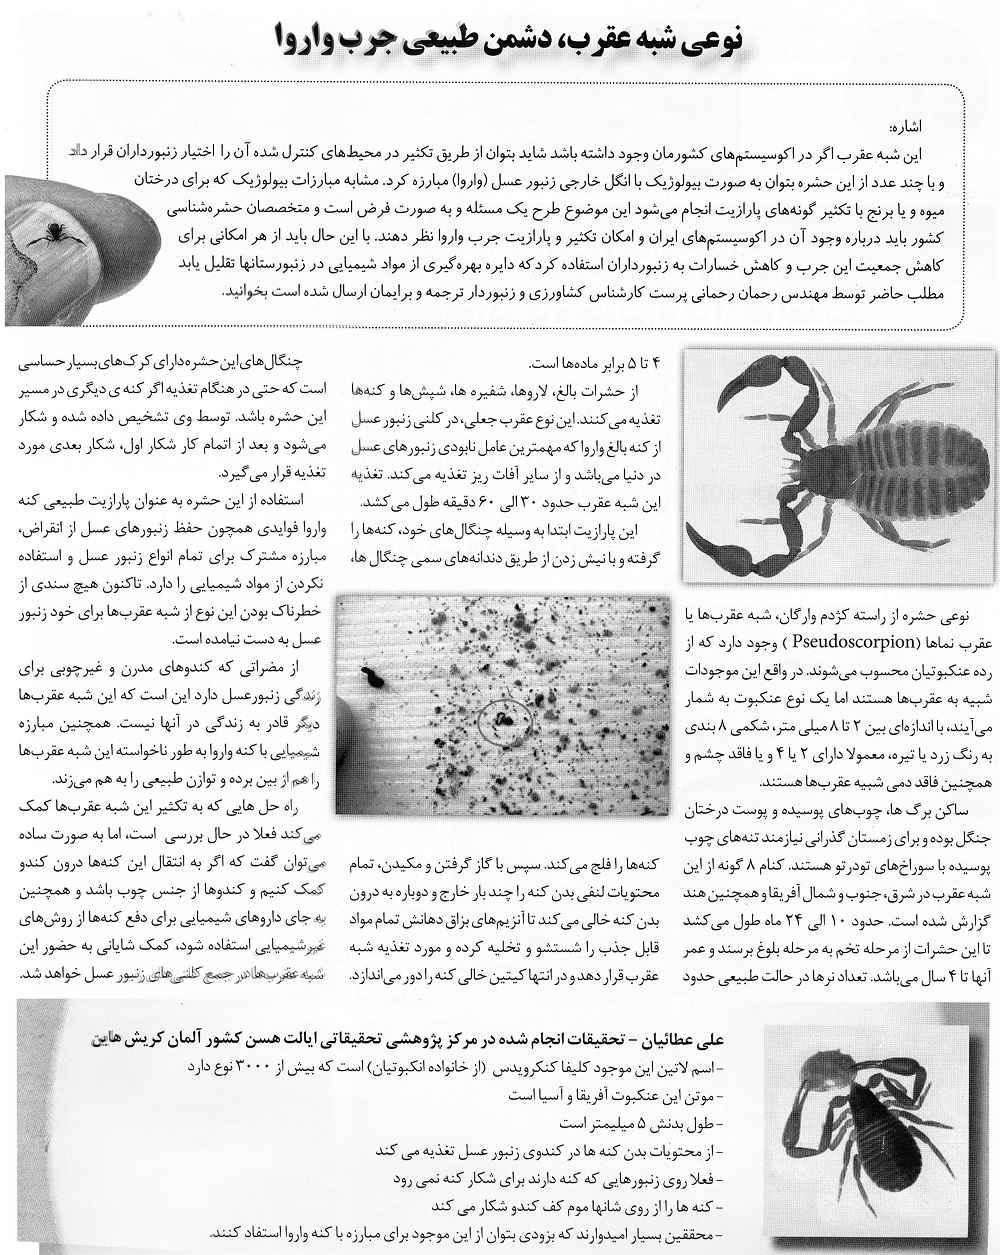 بازتاب این مطلب در مجله صنعت زنبورداری ایران